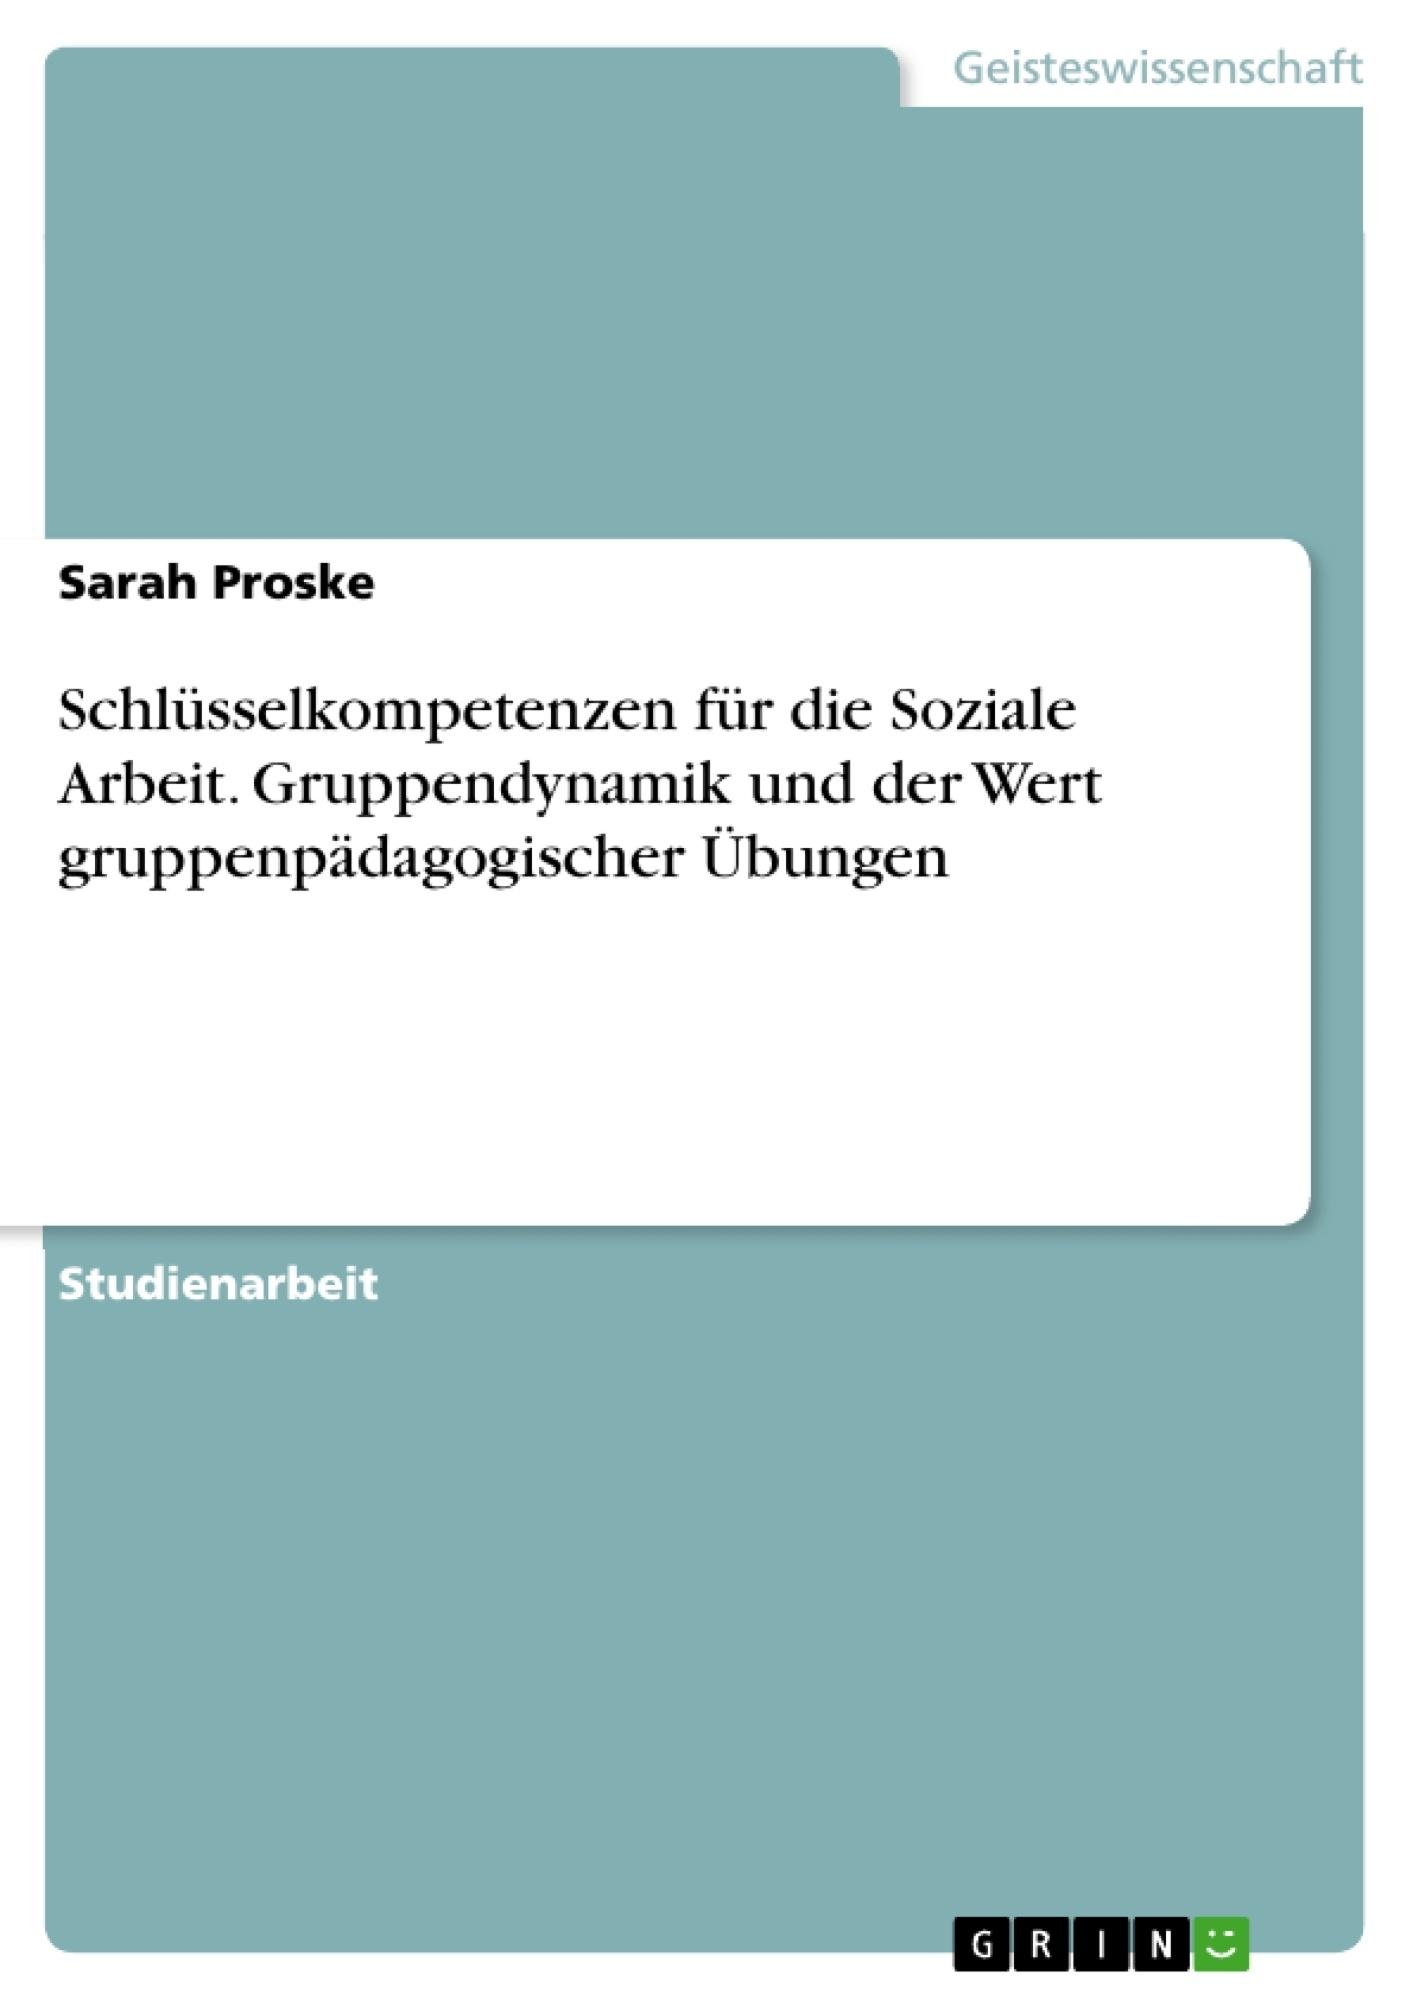 Titel: Schlüsselkompetenzen für die Soziale Arbeit.  Gruppendynamik und der Wert gruppenpädagogischer Übungen